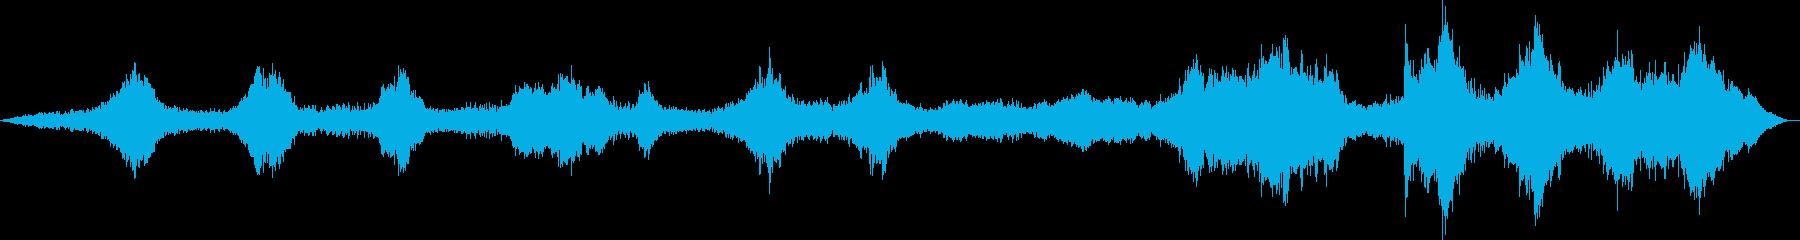 周囲の空気のような音がオーケストラ...の再生済みの波形